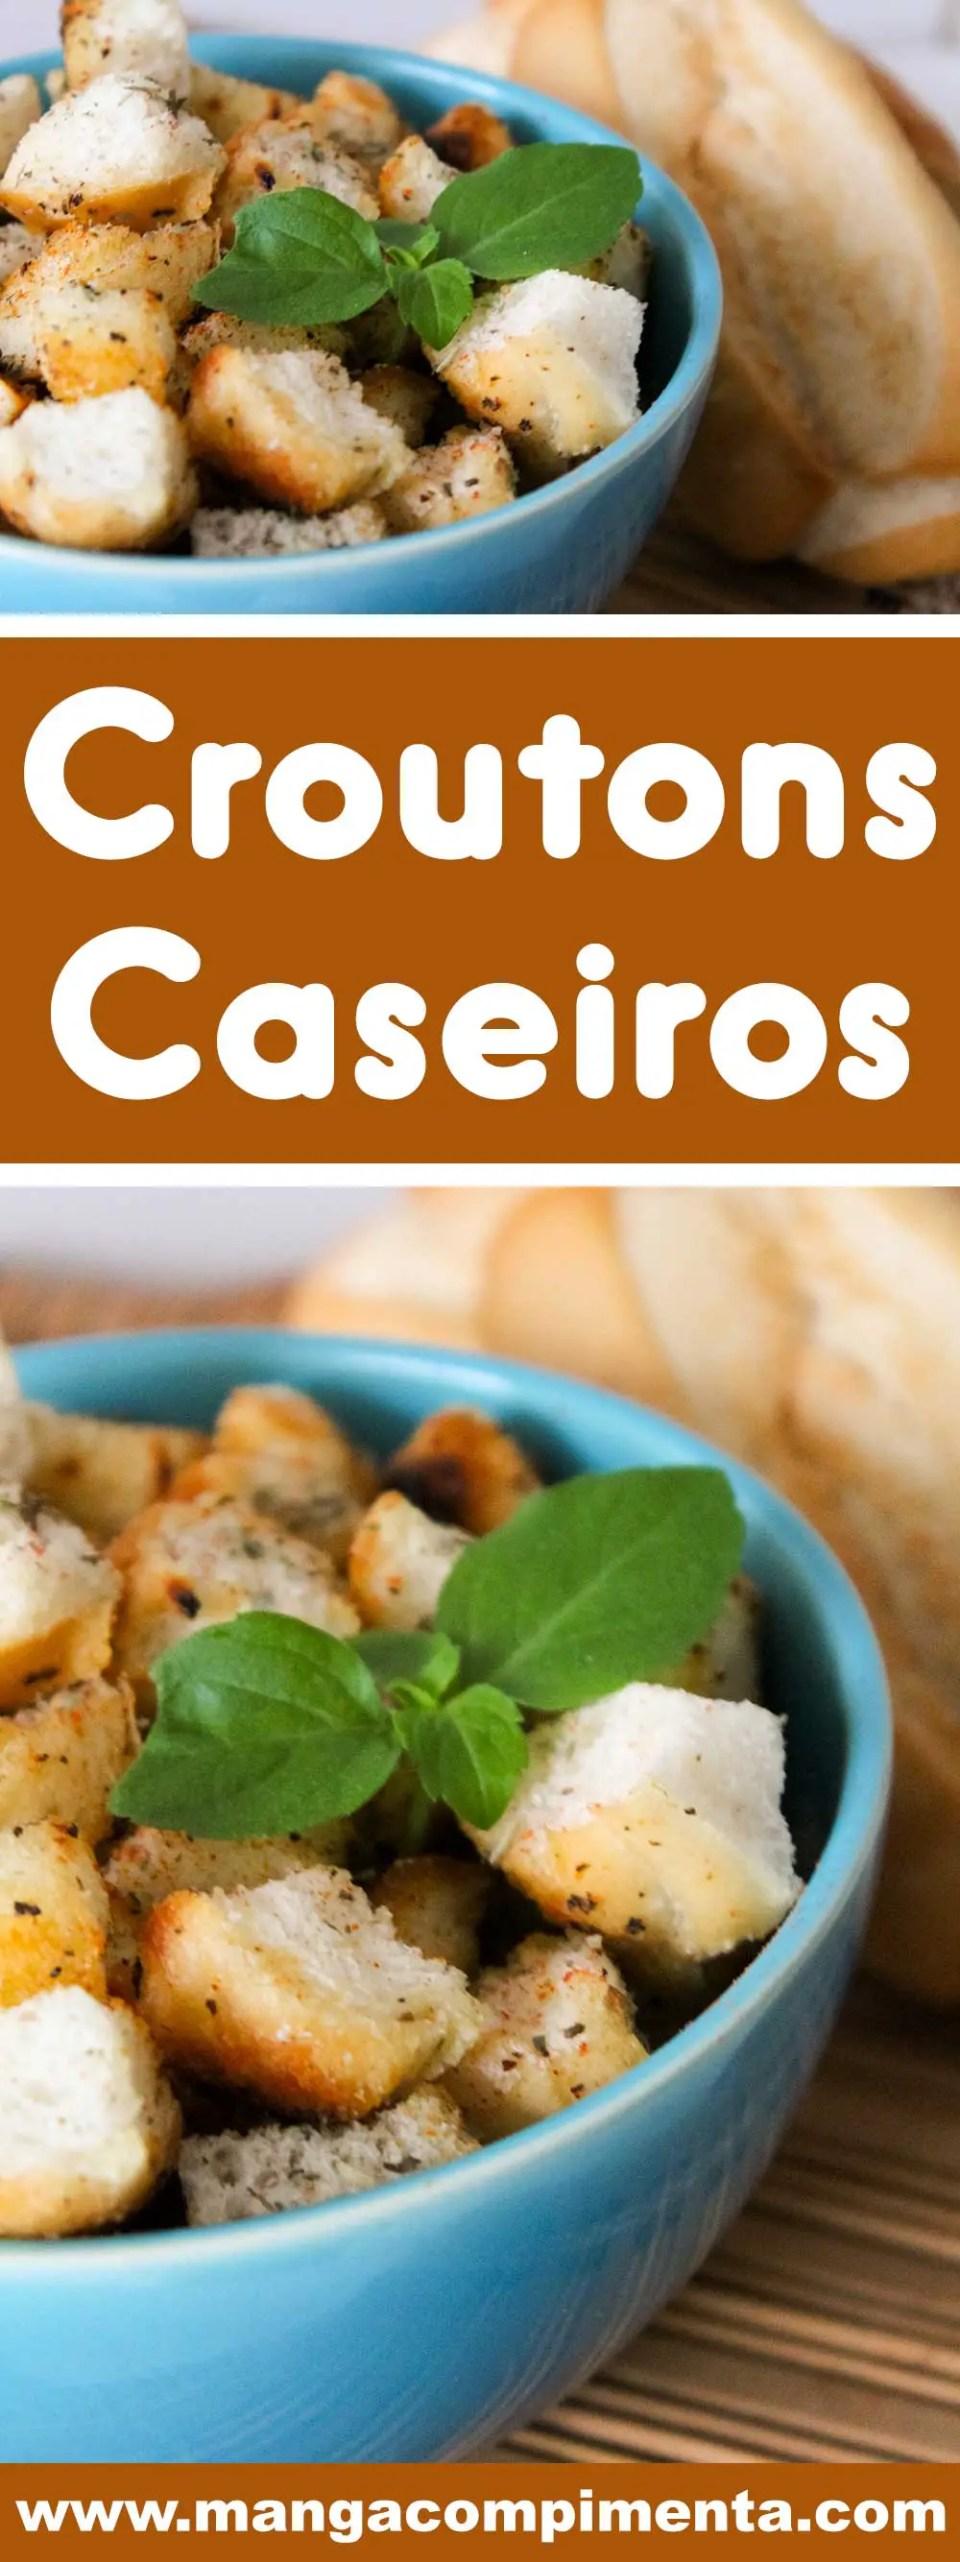 Receita de Croutons Caseiros - para colocar nas sopas ou em saladas ou servir como petiscos.